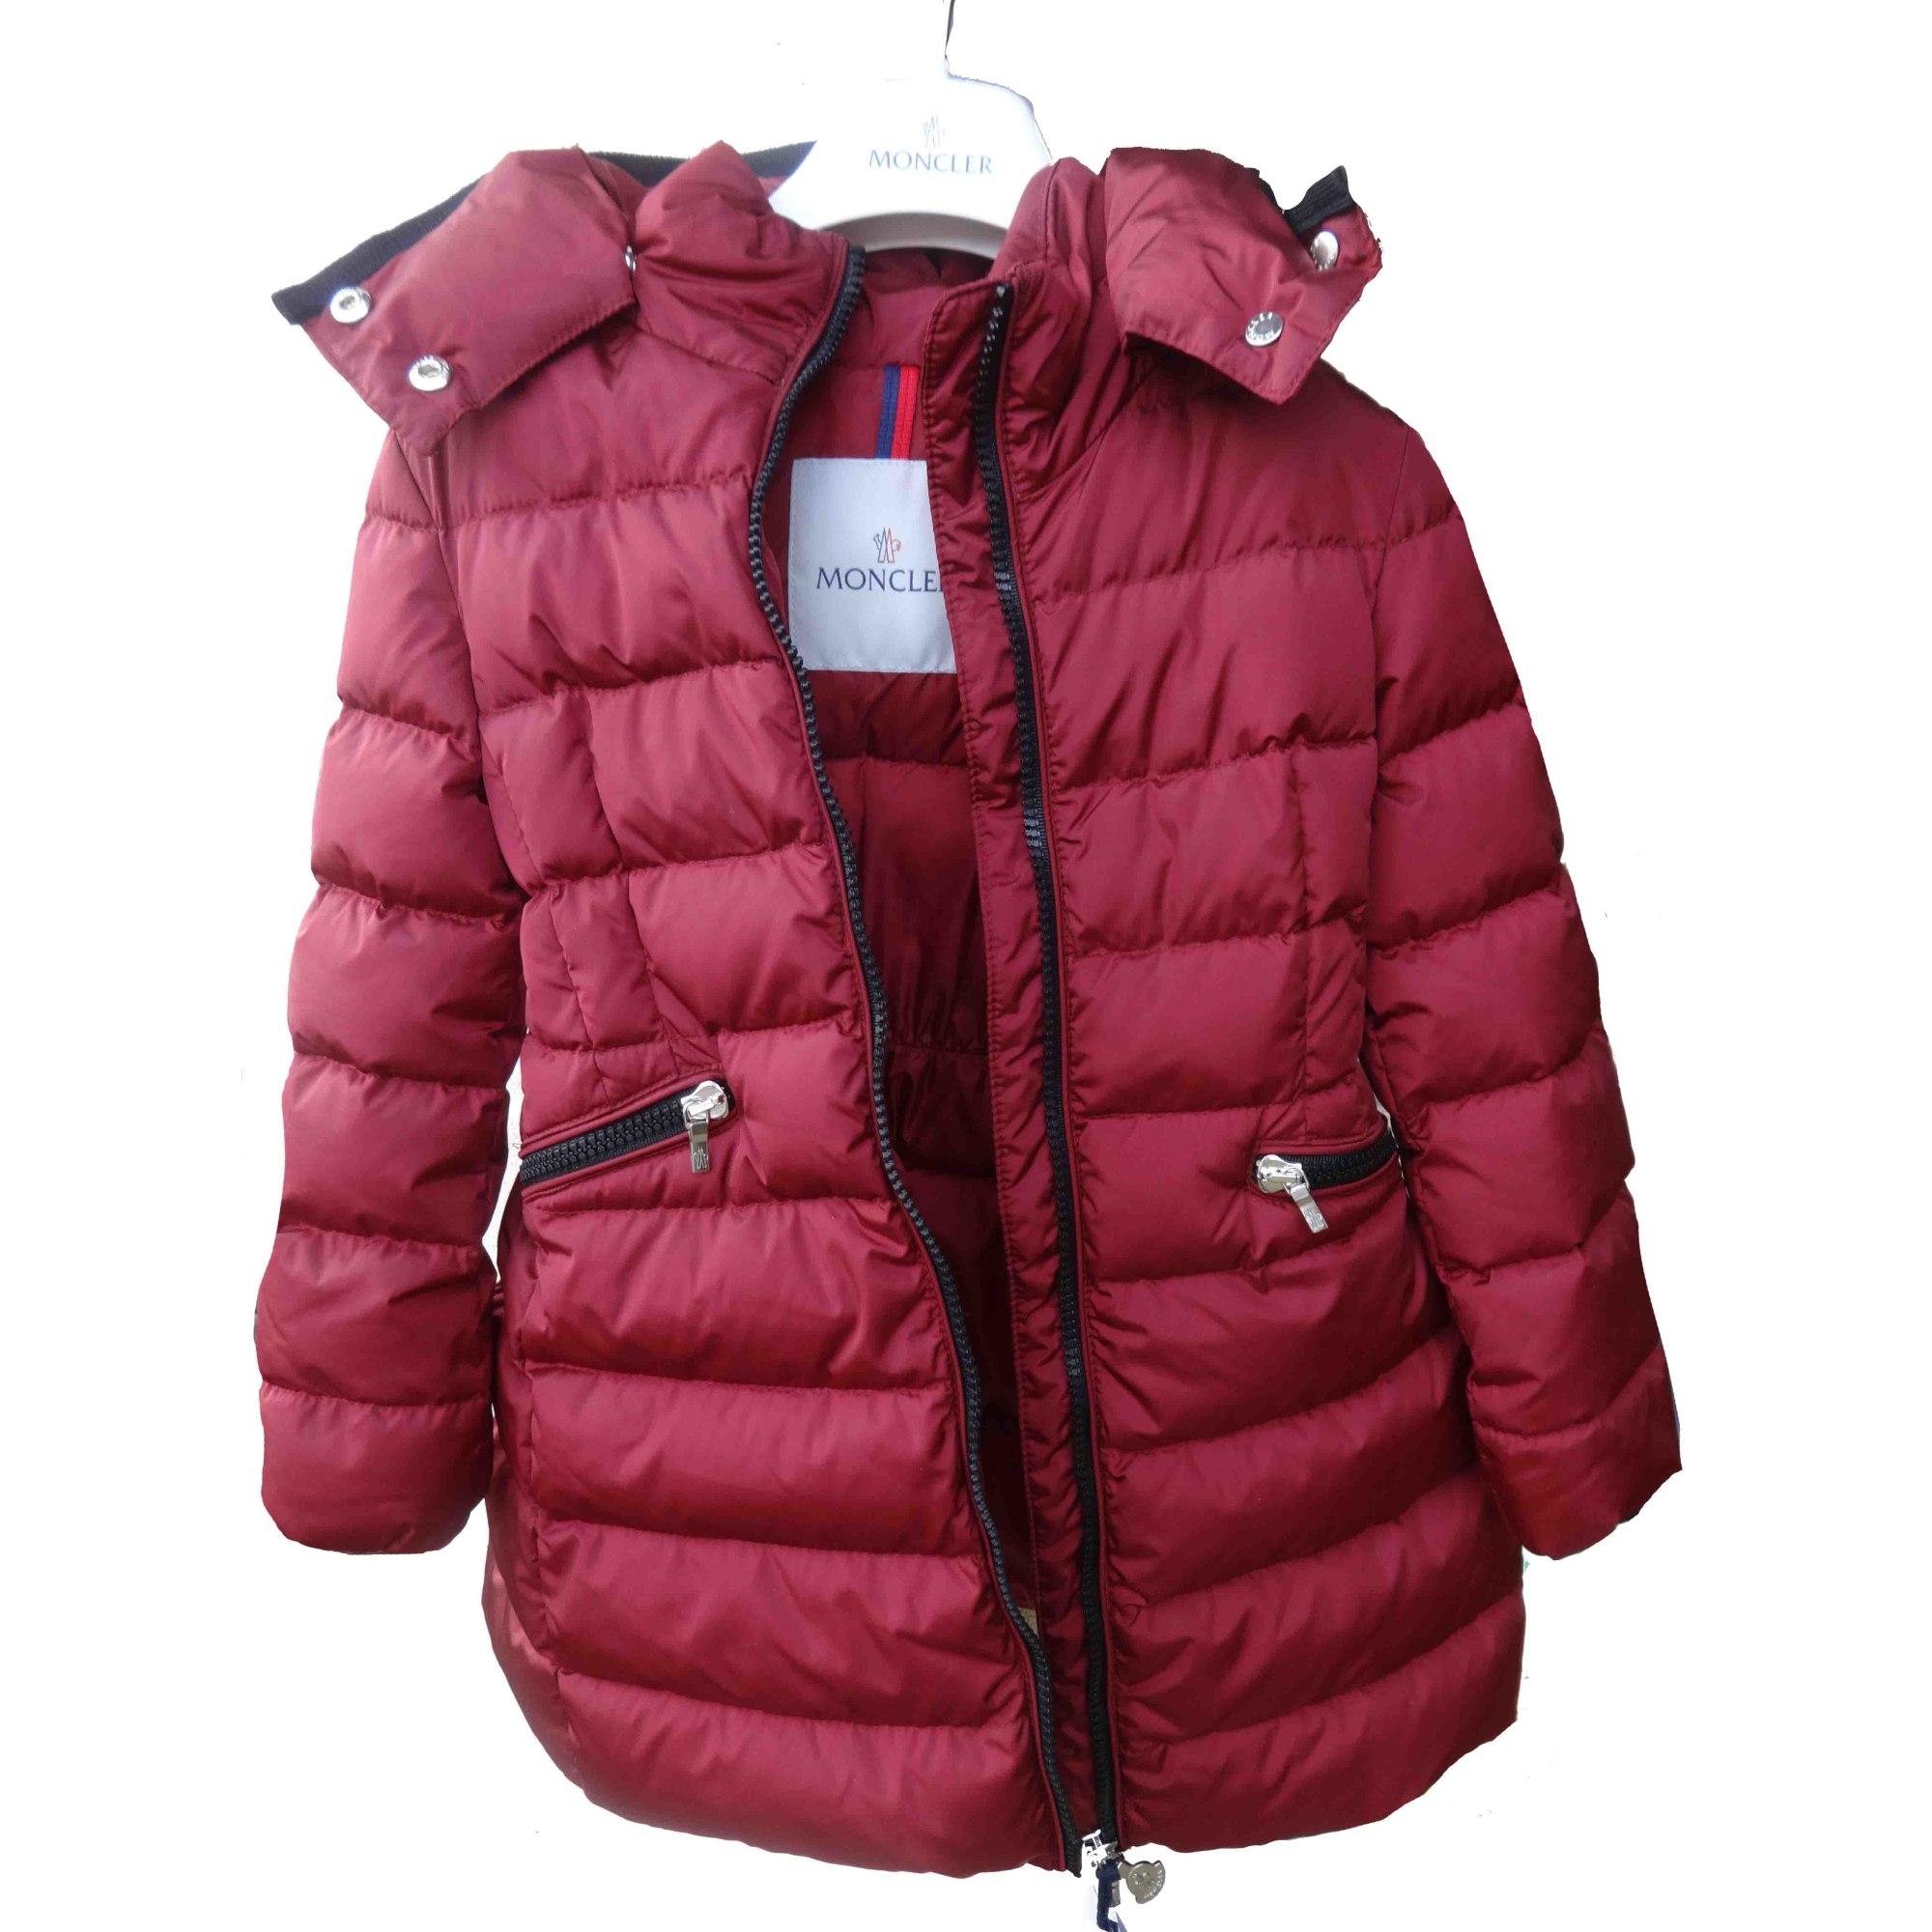 Doudoune MONCLER 3-4 ans rouge vendu par Purebliss - 6968693 bc32f56b649